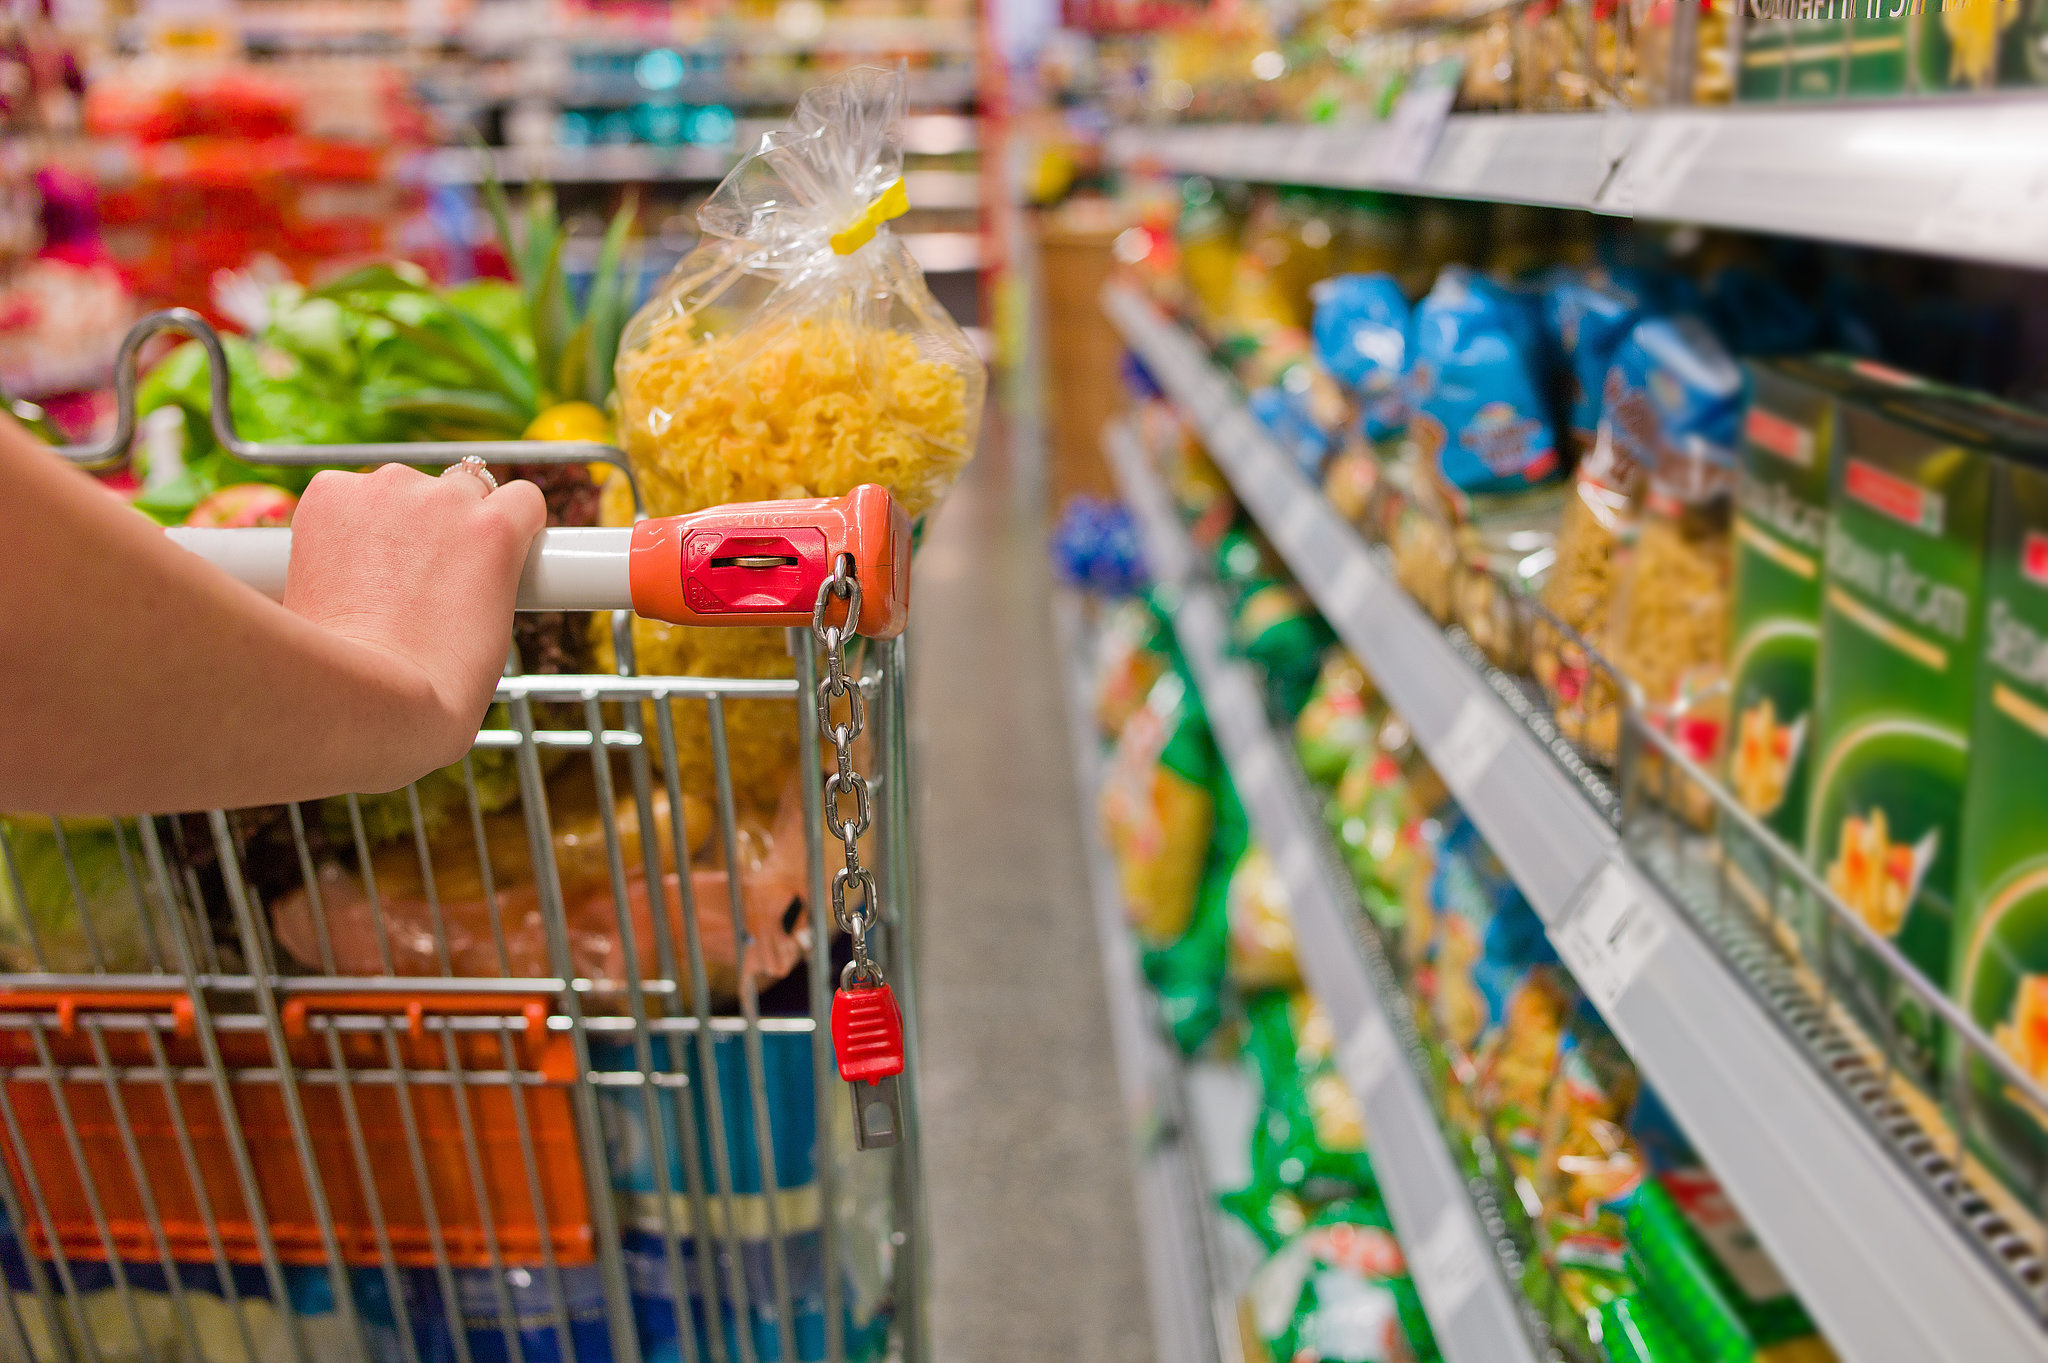 6 z 10 Čechů koupilo prošlé nebo zkažené potraviny. Reklamovala je jen necelá polovina